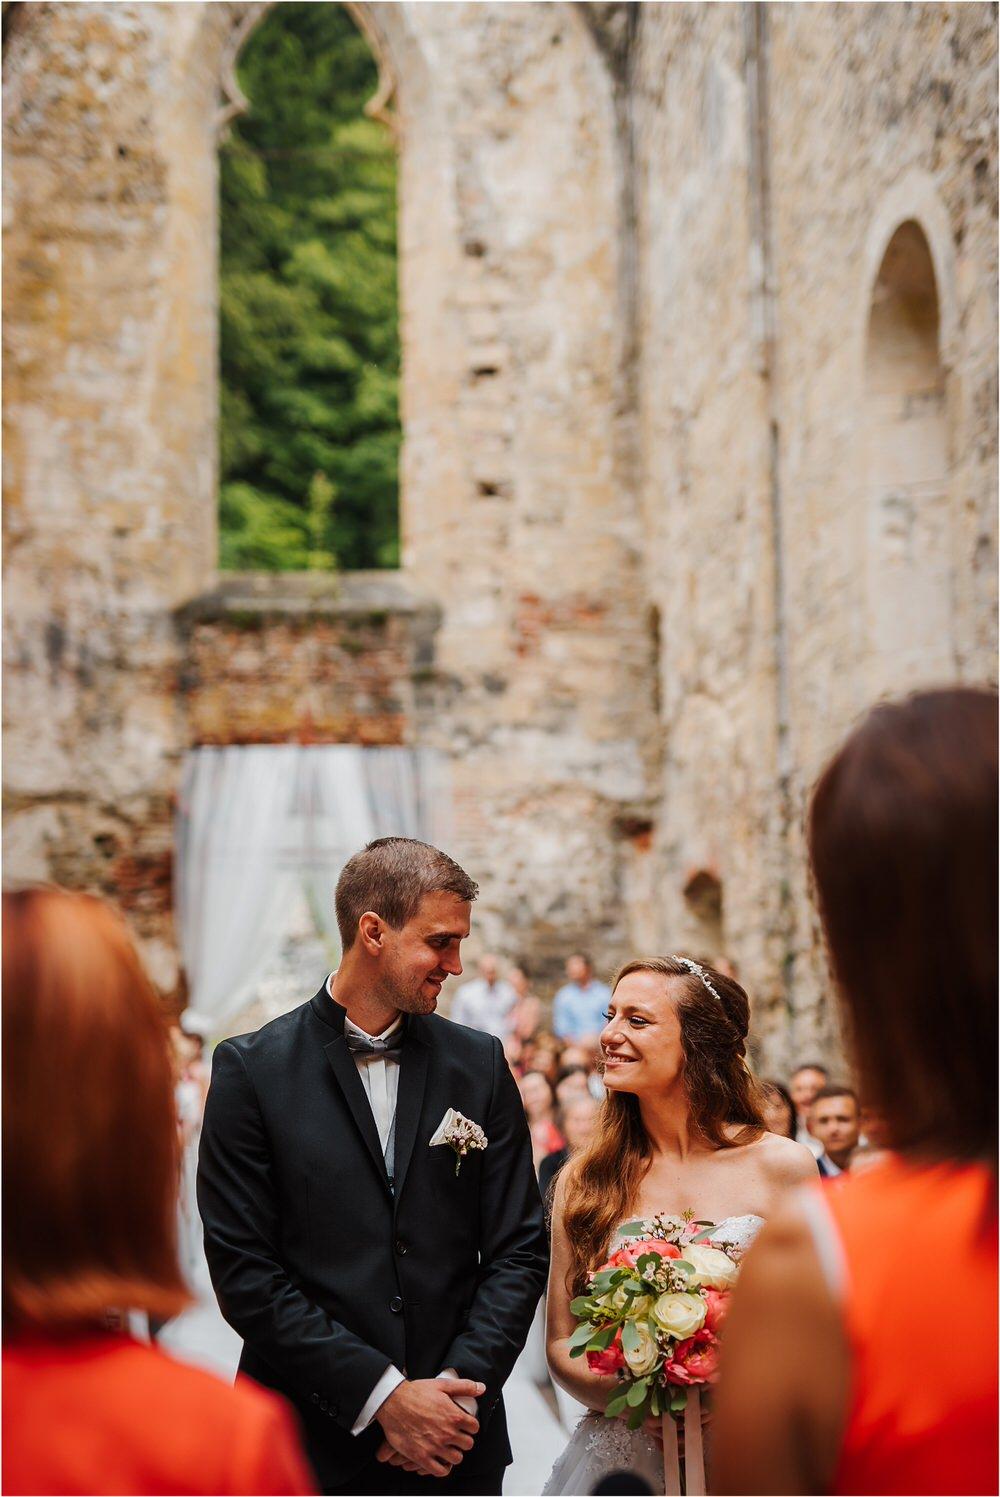 zicka kartuzija poroka porocni fotograf fotografija luka in ben loce elegantna poroka slovenski porocni fotograf  0056.jpg